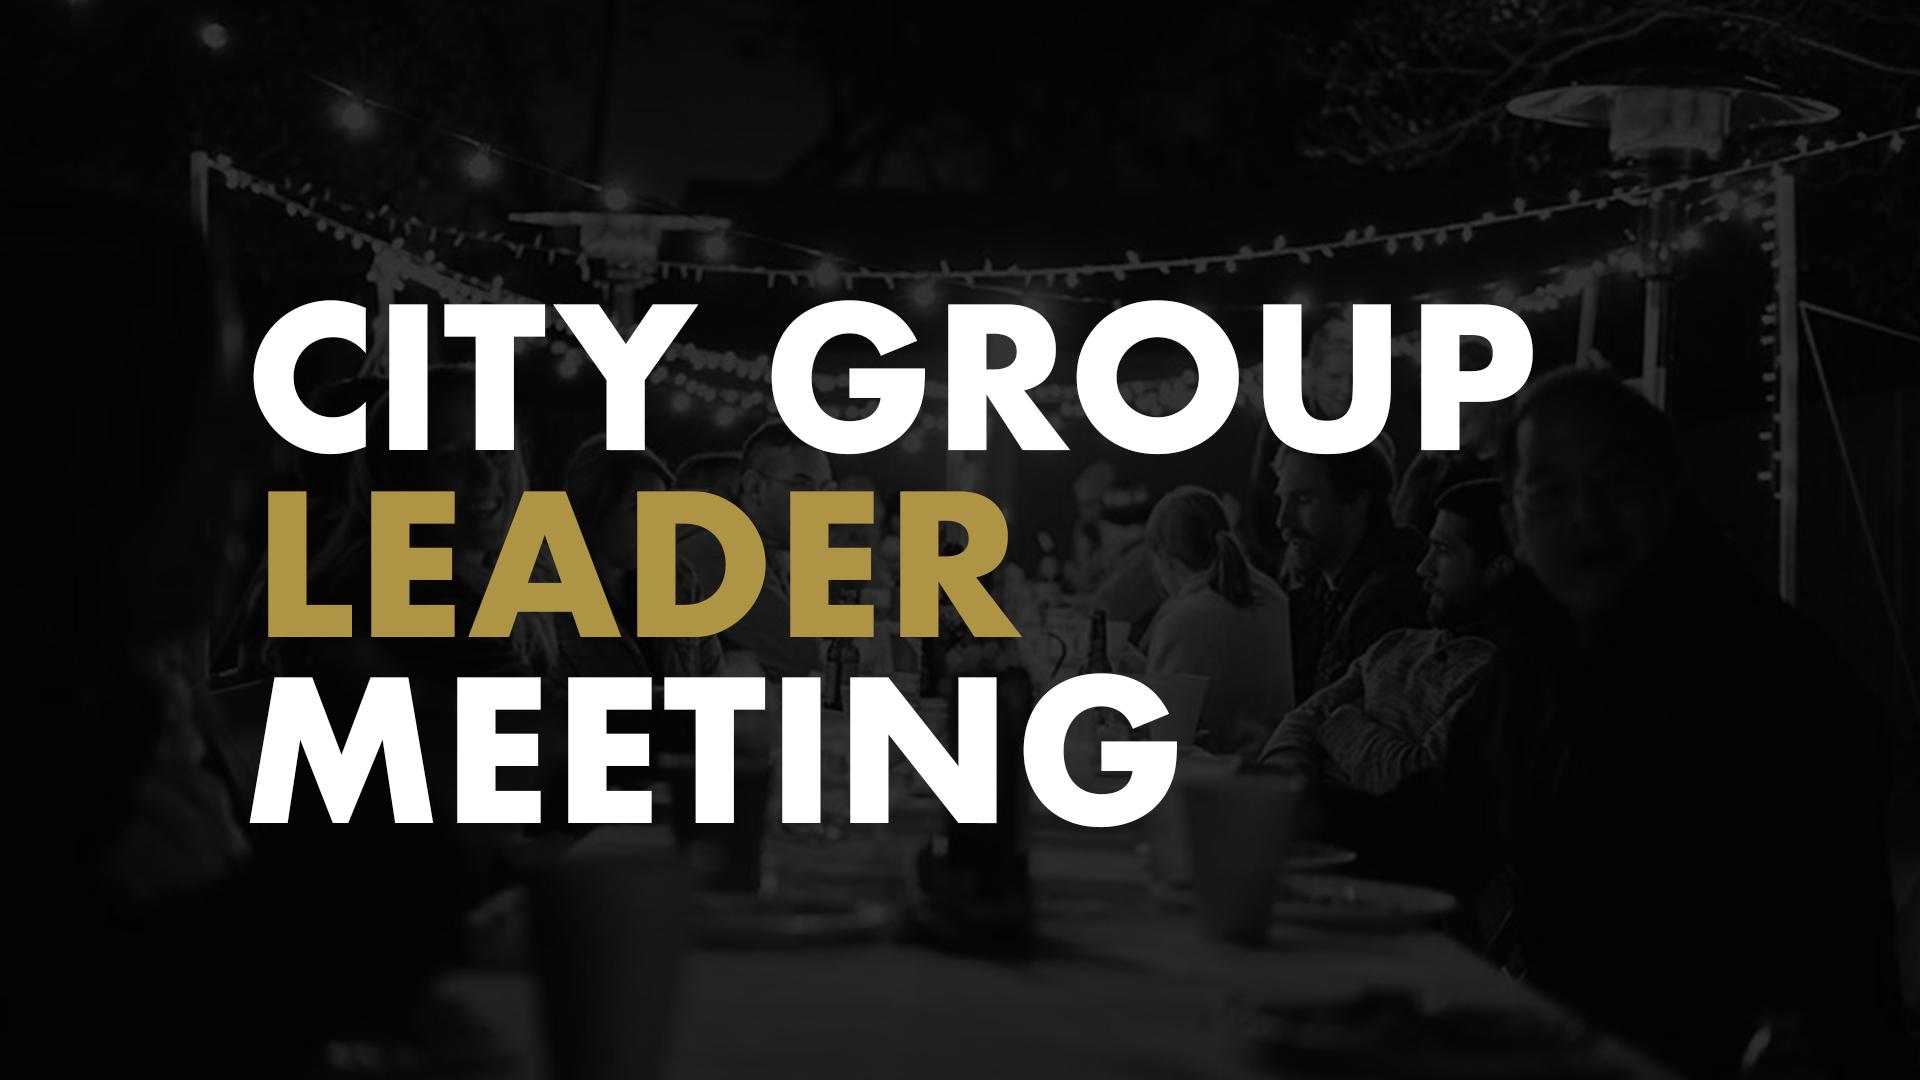 Cg leader meeting